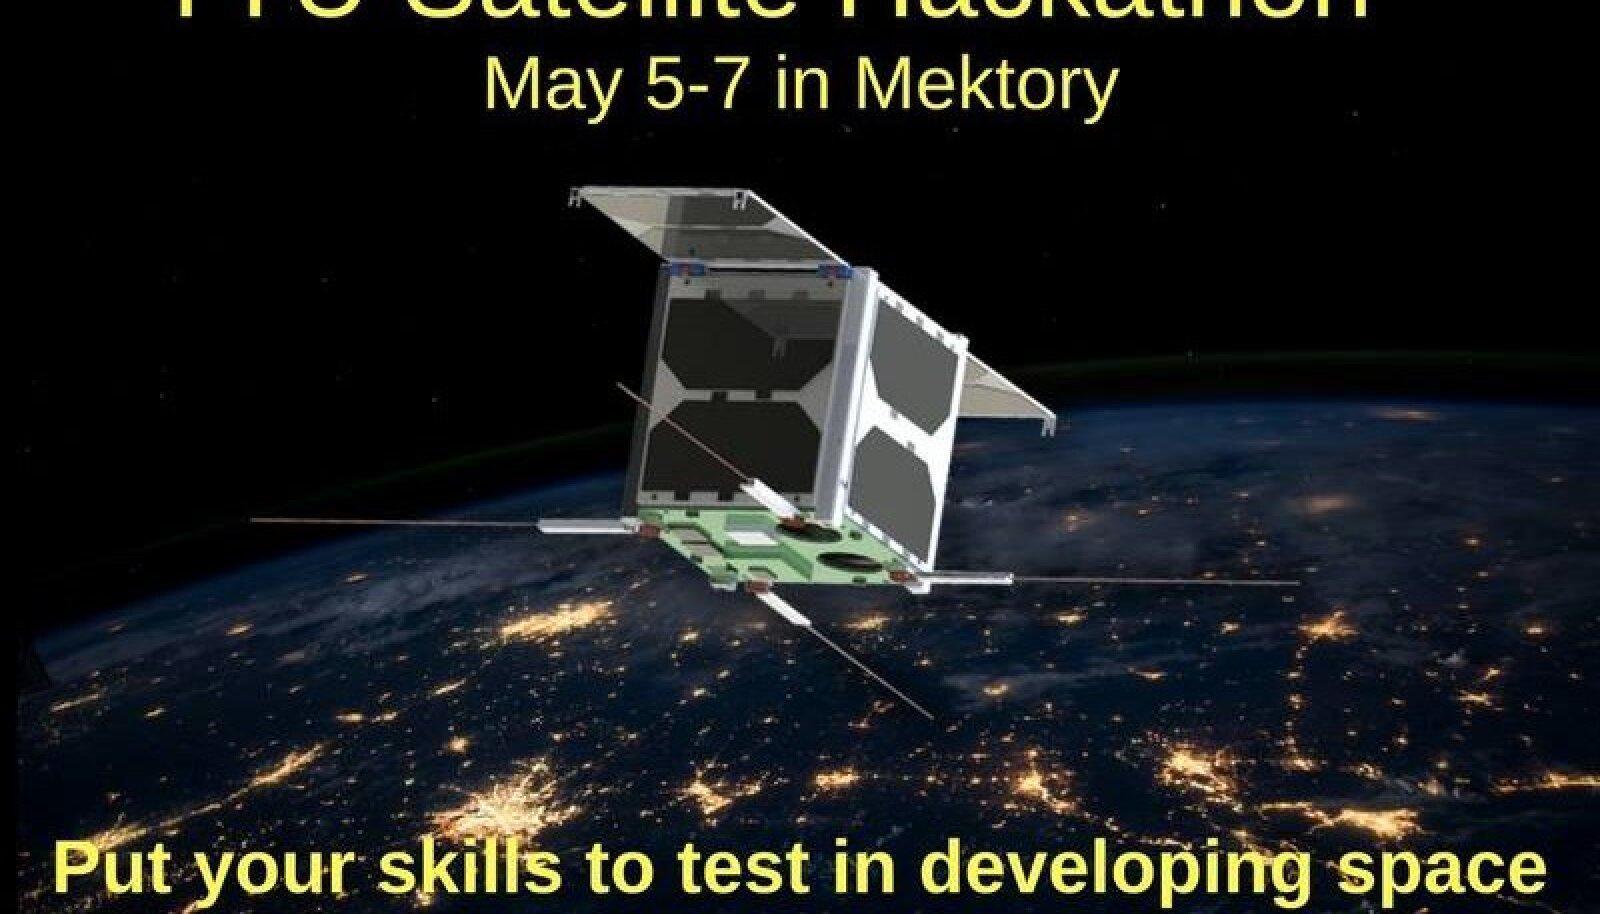 TTÜ - Mektory Satelliidiprogramm / TUT - Mektory Satellite Programme